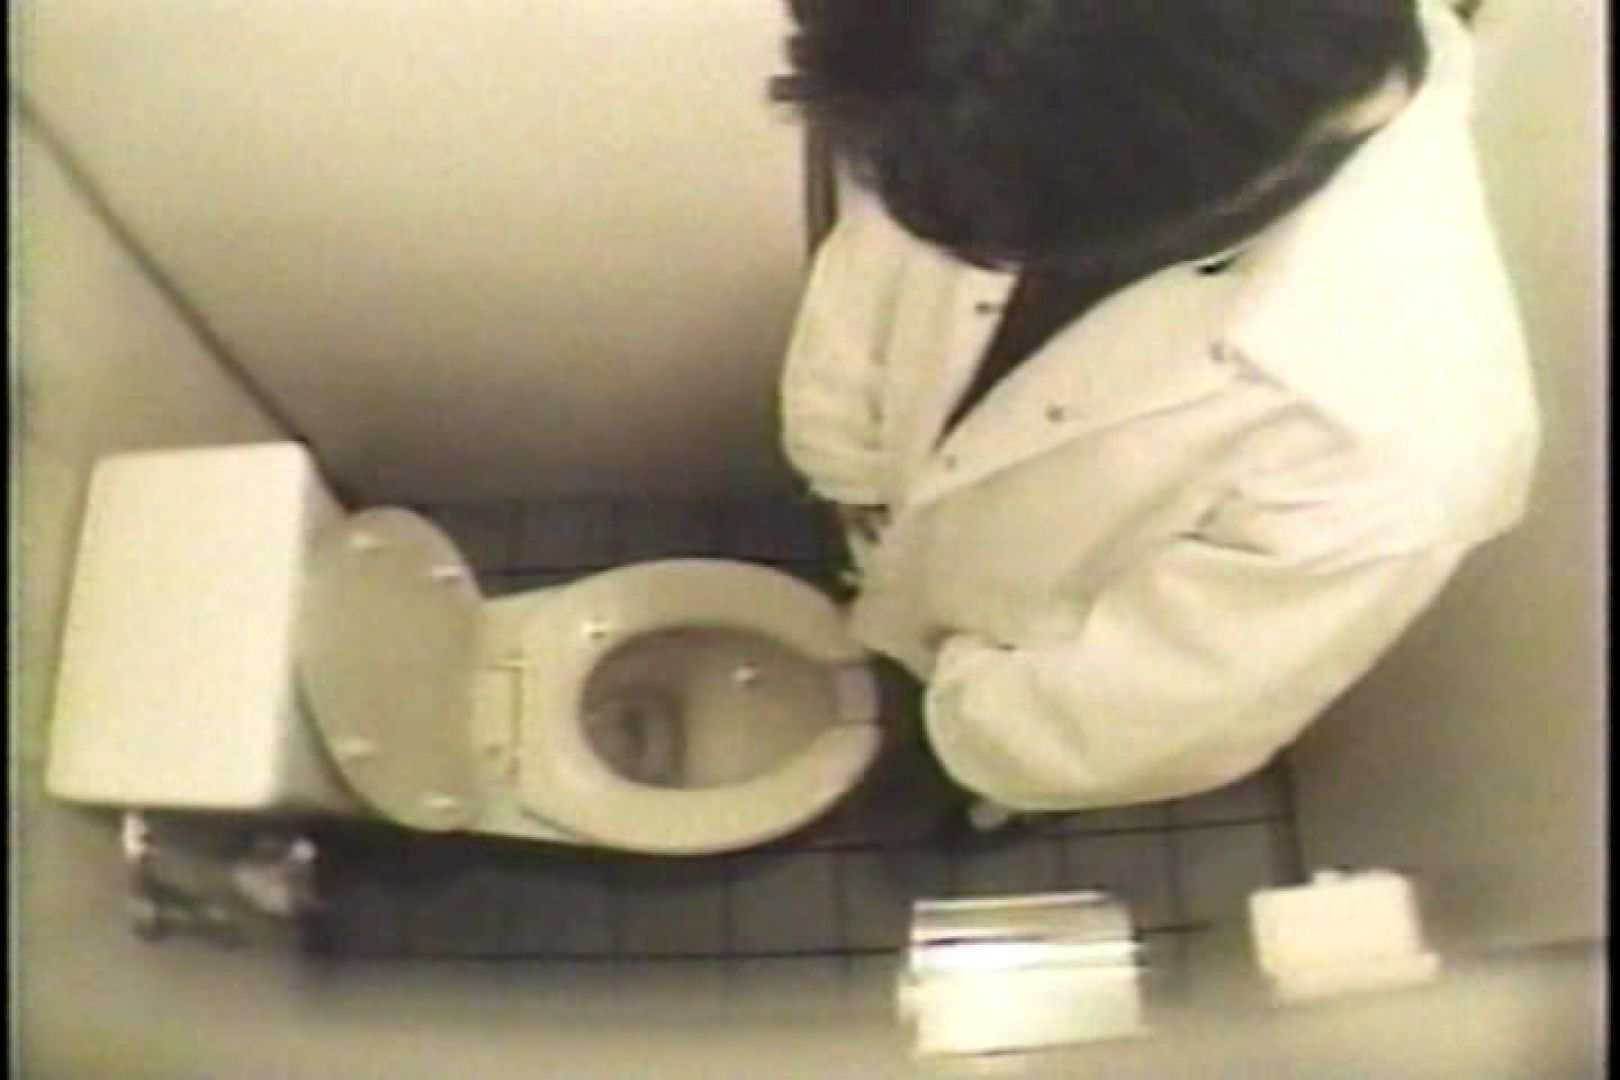 盗撮 女子洗面所3ヶ所入ってしゃがんで音出して プライベート  109連発 24